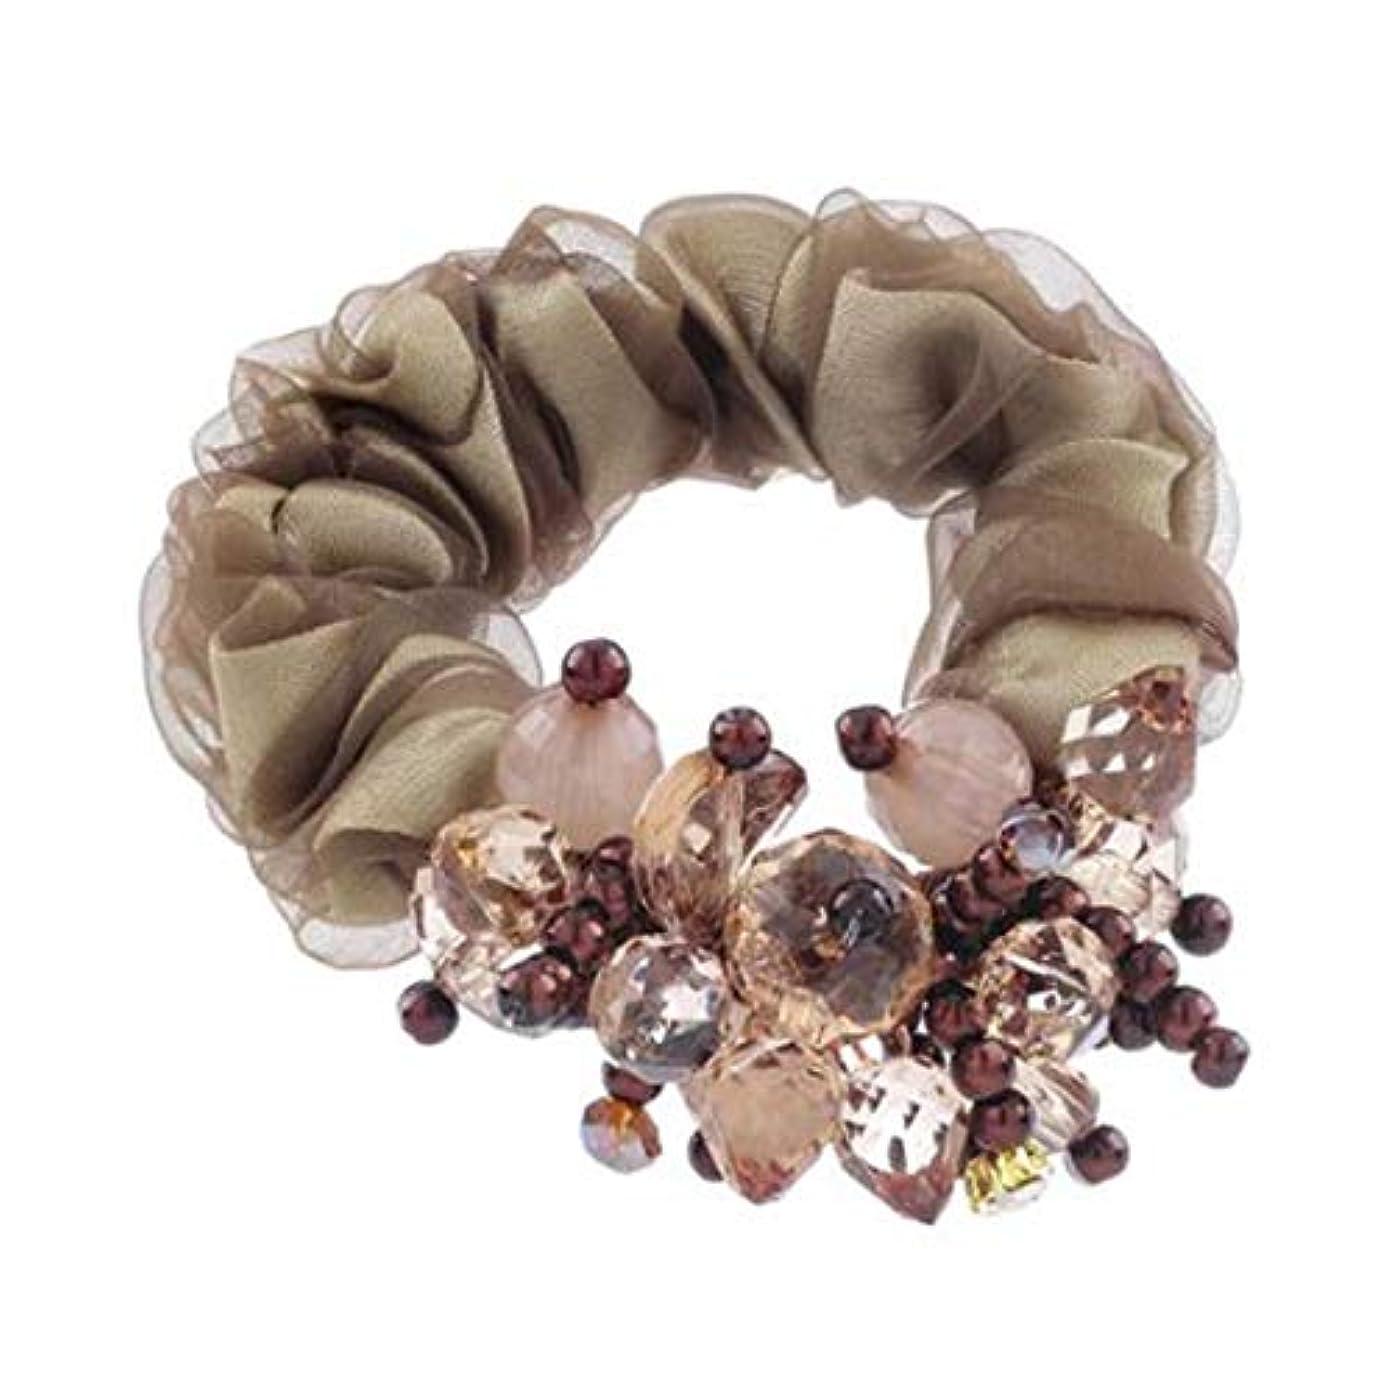 生態学句注文ヘアクリップ、ヘアピン、ヘアグリップ、ヘアグリップ、ヘアアクセサリーヘアバンドヘアーロープヘアネクタイヘアバンドラバーバンドヘッドロープ女性ヘッドジュエリーアダルトプレート髪純色ビーズ第三の花の色 (Color : Brown)